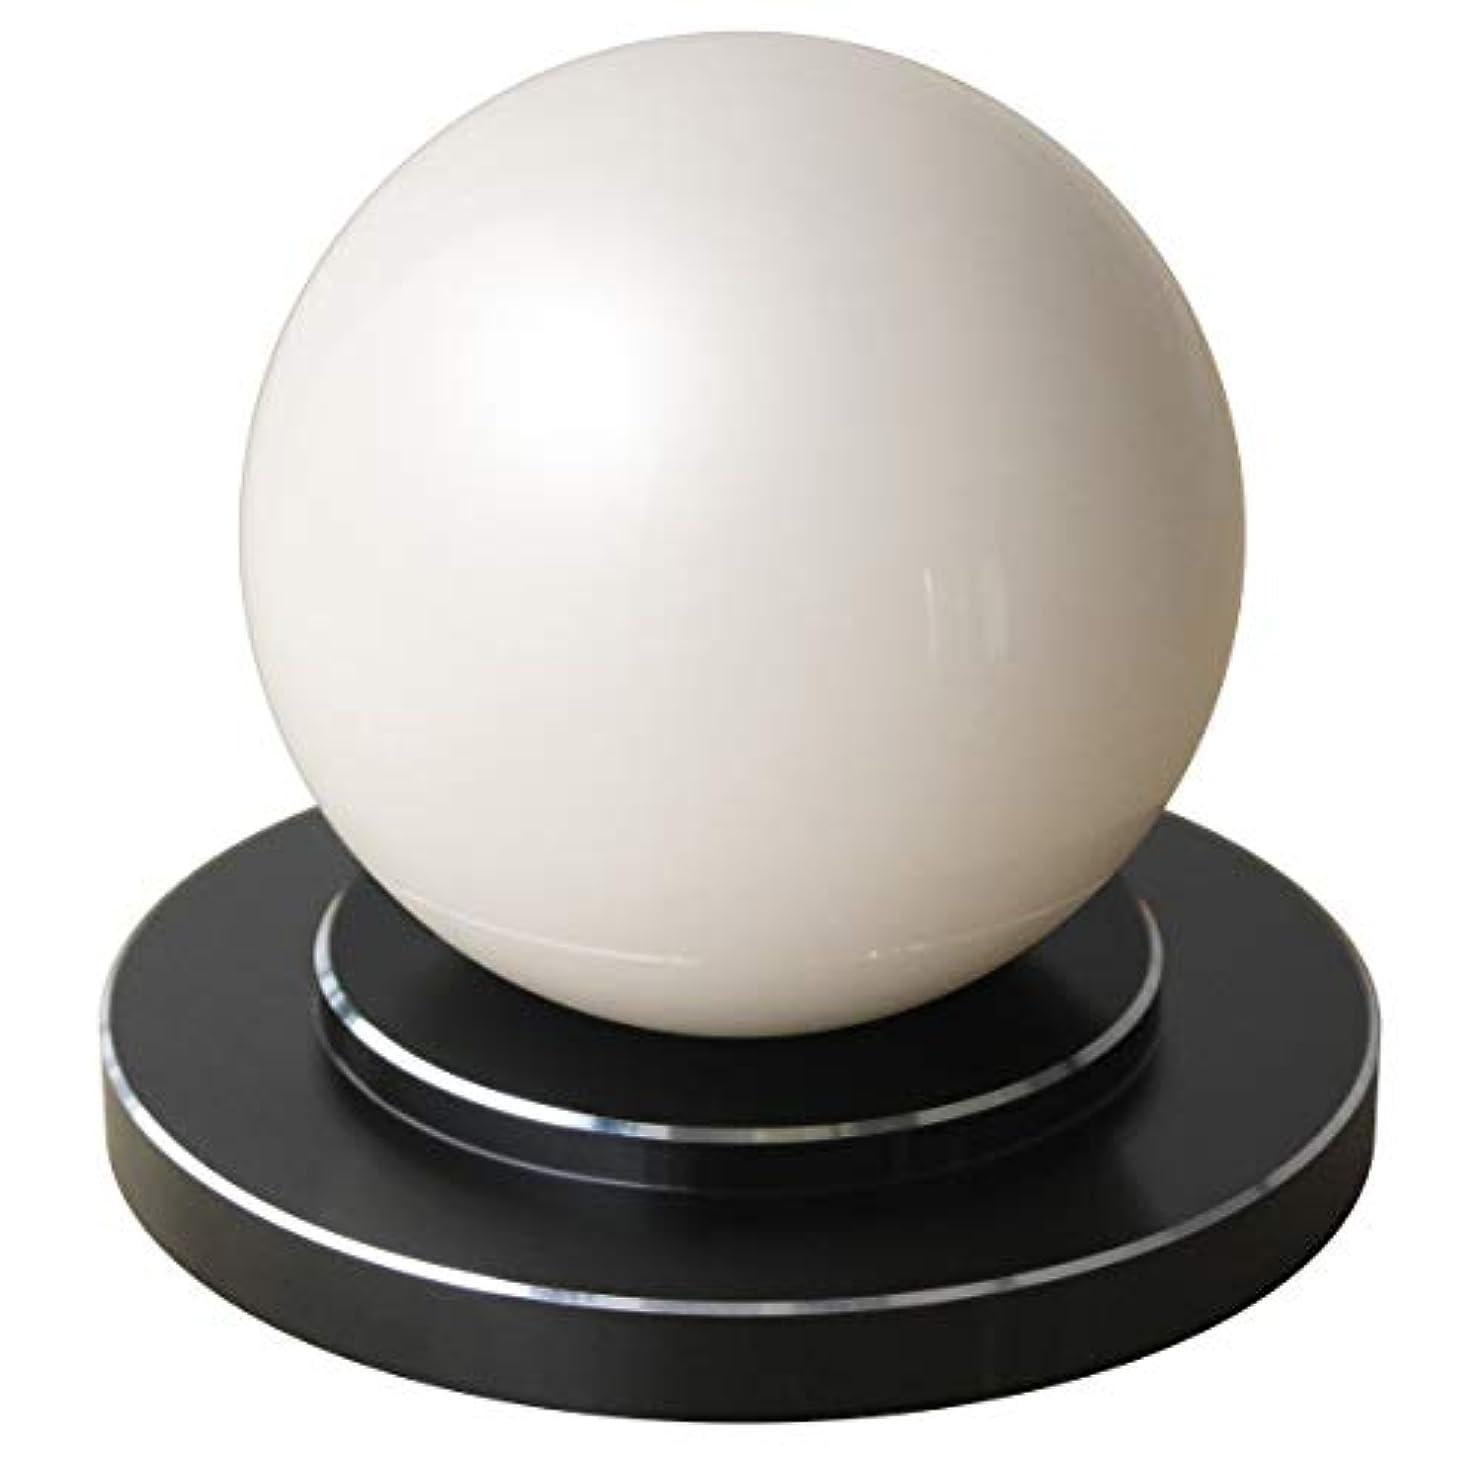 くさび完璧な偽善商品名:楽人球(らくときゅう):インテリアにもなるスタイリッシュな指圧器。光沢のある大きな球体。美しさと指圧の実力を兼ね備えた全く新しいタイプの指圧器。筋肉のこりをほぐし、リラックスできる。 【 すごく効く理由→一点圧により指圧位置の微調整が可能。大きな球体(直径75mm)により身体にゆるやかに当たる。硬い球体により指圧部位にしっかり入る。球体と台座が分離することにより、頭、首、肩、背中、腰、胸、腹、お尻、太もも、ふくらはぎ、すね、足裏、腕、身体の前面も背面も指圧部位ごとに使いやすい形状と使用方法(おす?さする?もむ?たたく)を選択可能。】楽人球の「特徴?使用方法?使用上のご注意」に関しての詳細は株式会社楽人のホームページへ→「楽人球」で検索。指圧 指圧器 指圧代用器 整体 マッサージ マッサージ器 ツボ押し ツボ押しグッズ つぼおし つぼ押し 肩こり 腰痛 こりほぐし インテリア